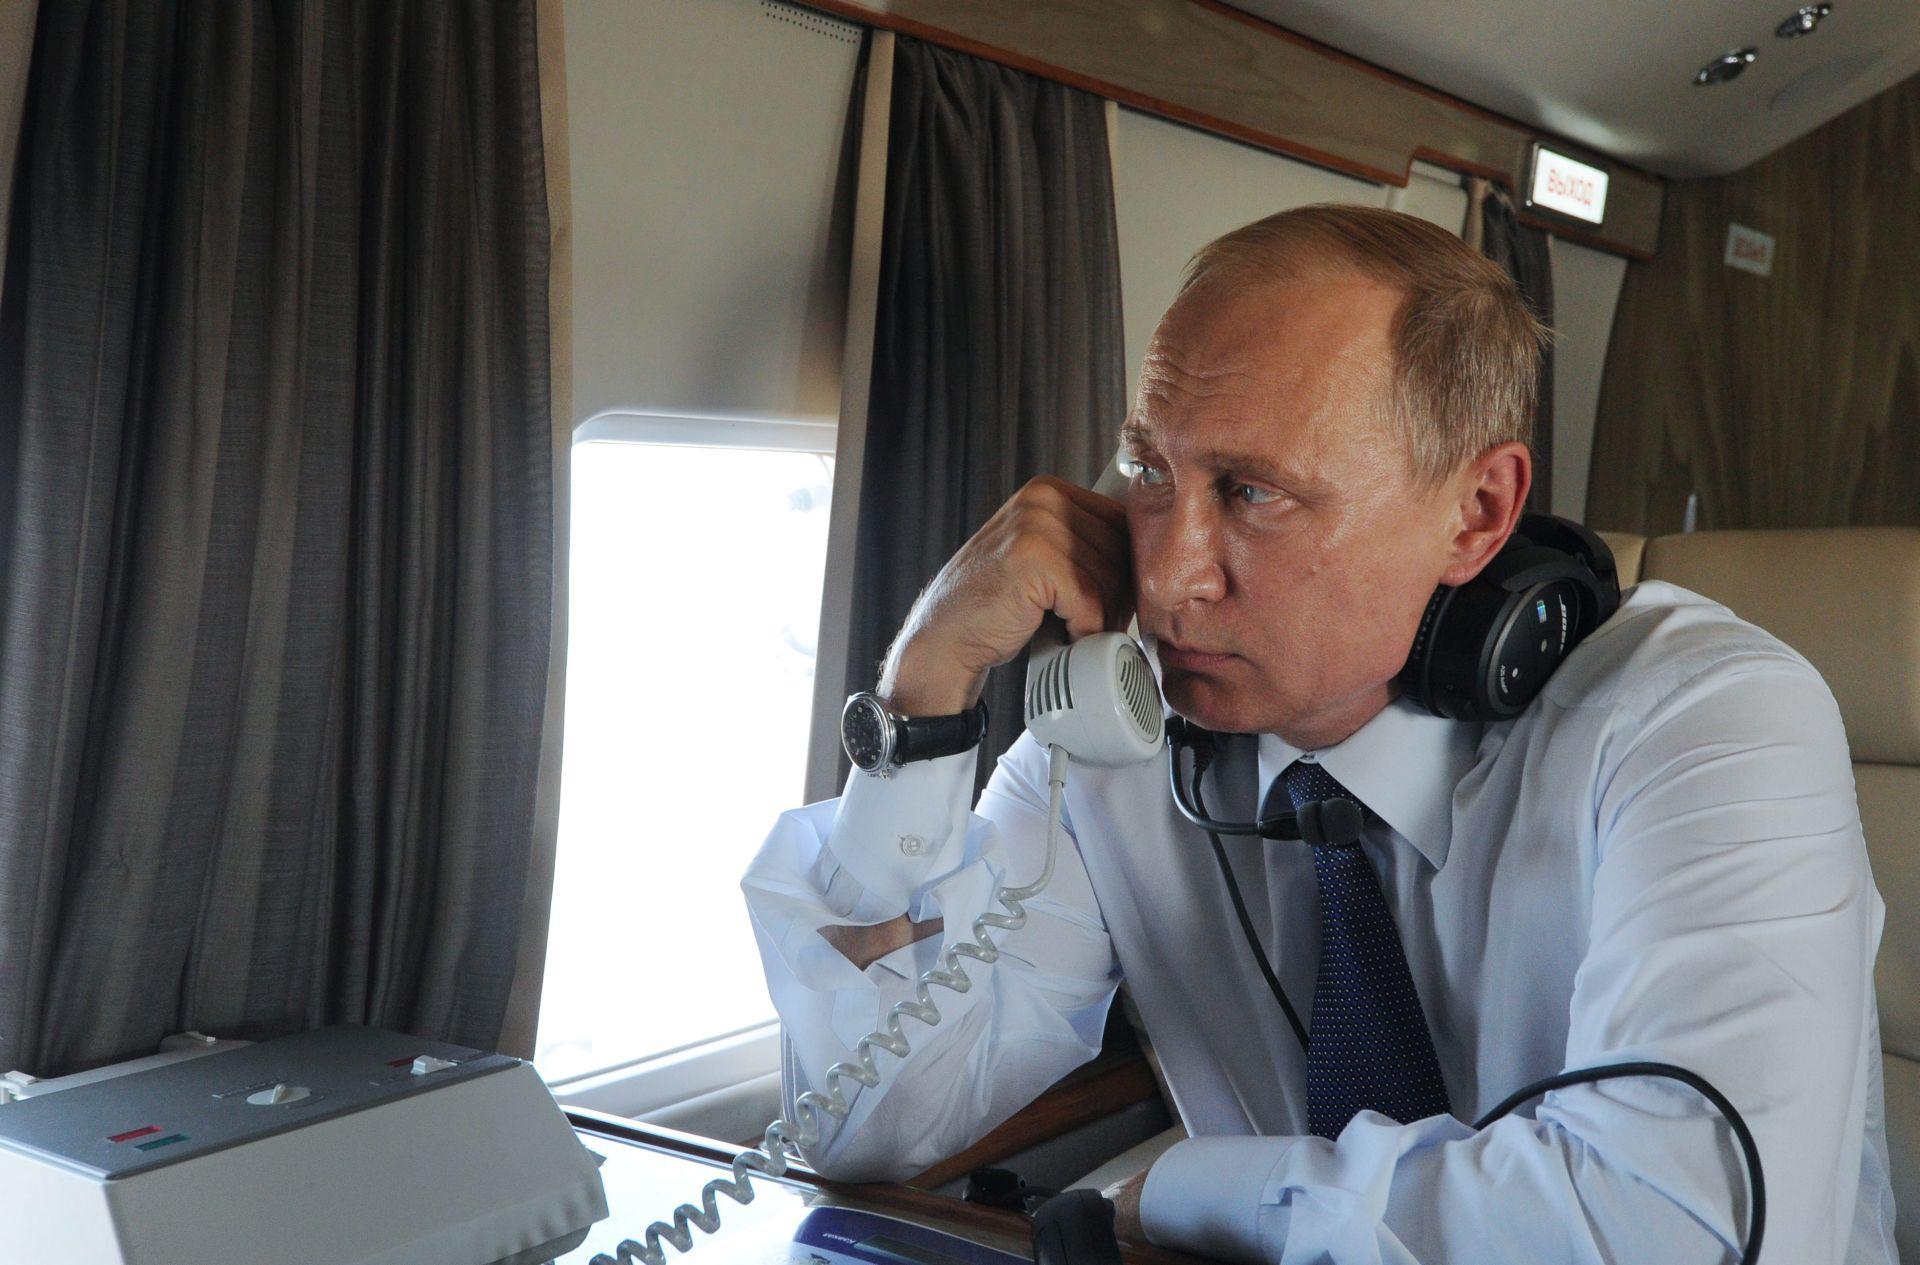 BOGATA ENERGETSKA NALAZIŠTA Rusija se povećava za 50.000 km2 u Ohotskom moru